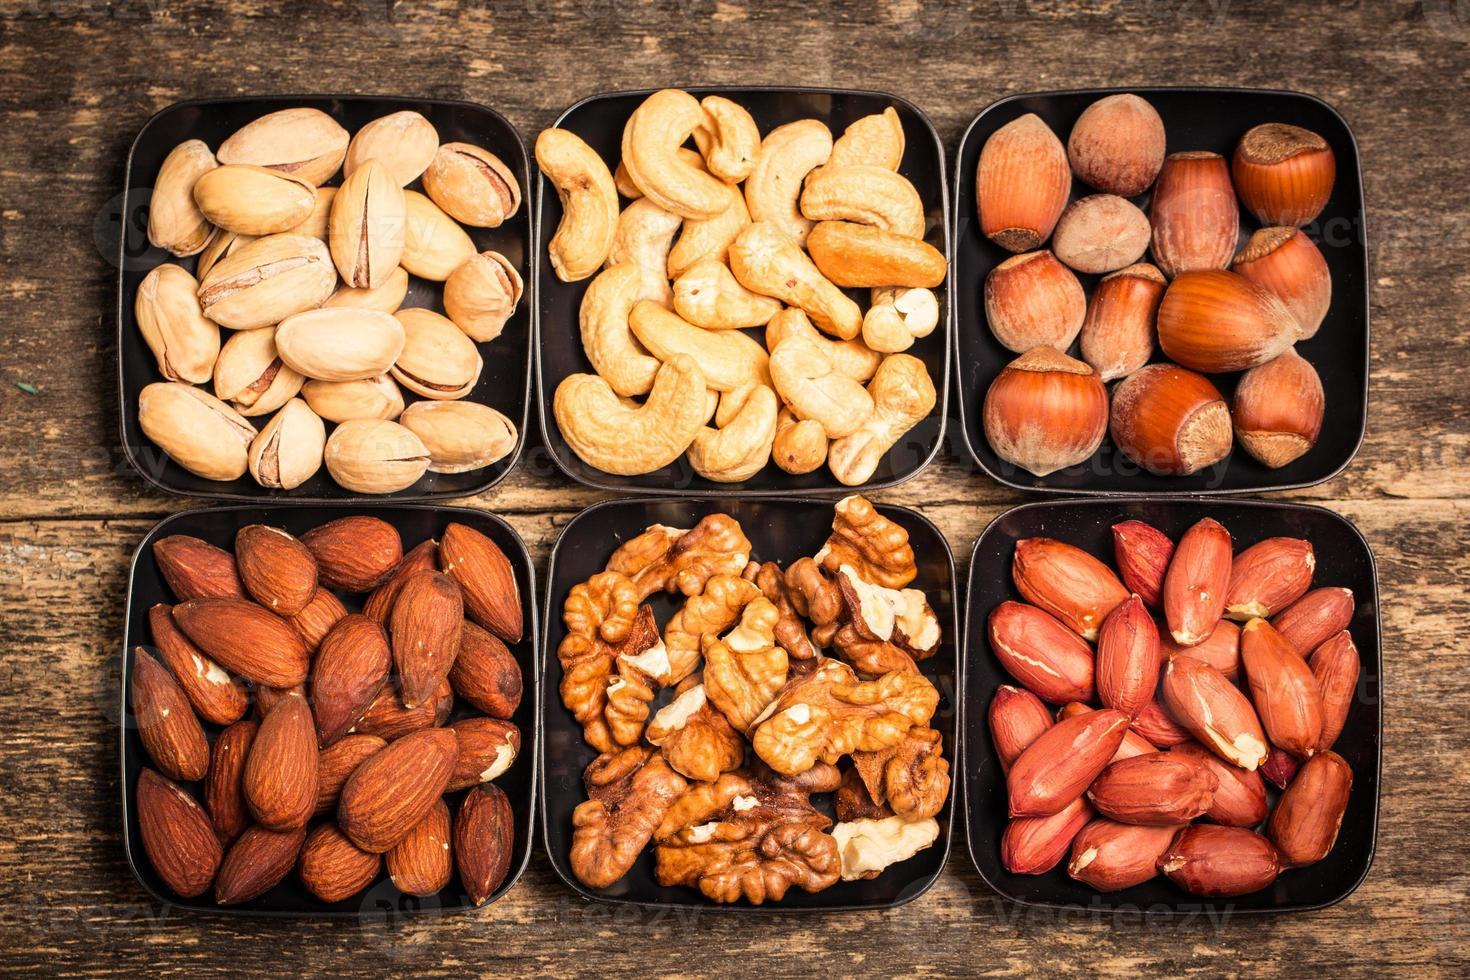 Nüsse auf Holztisch mischen, gesundes veganes Essen. foto